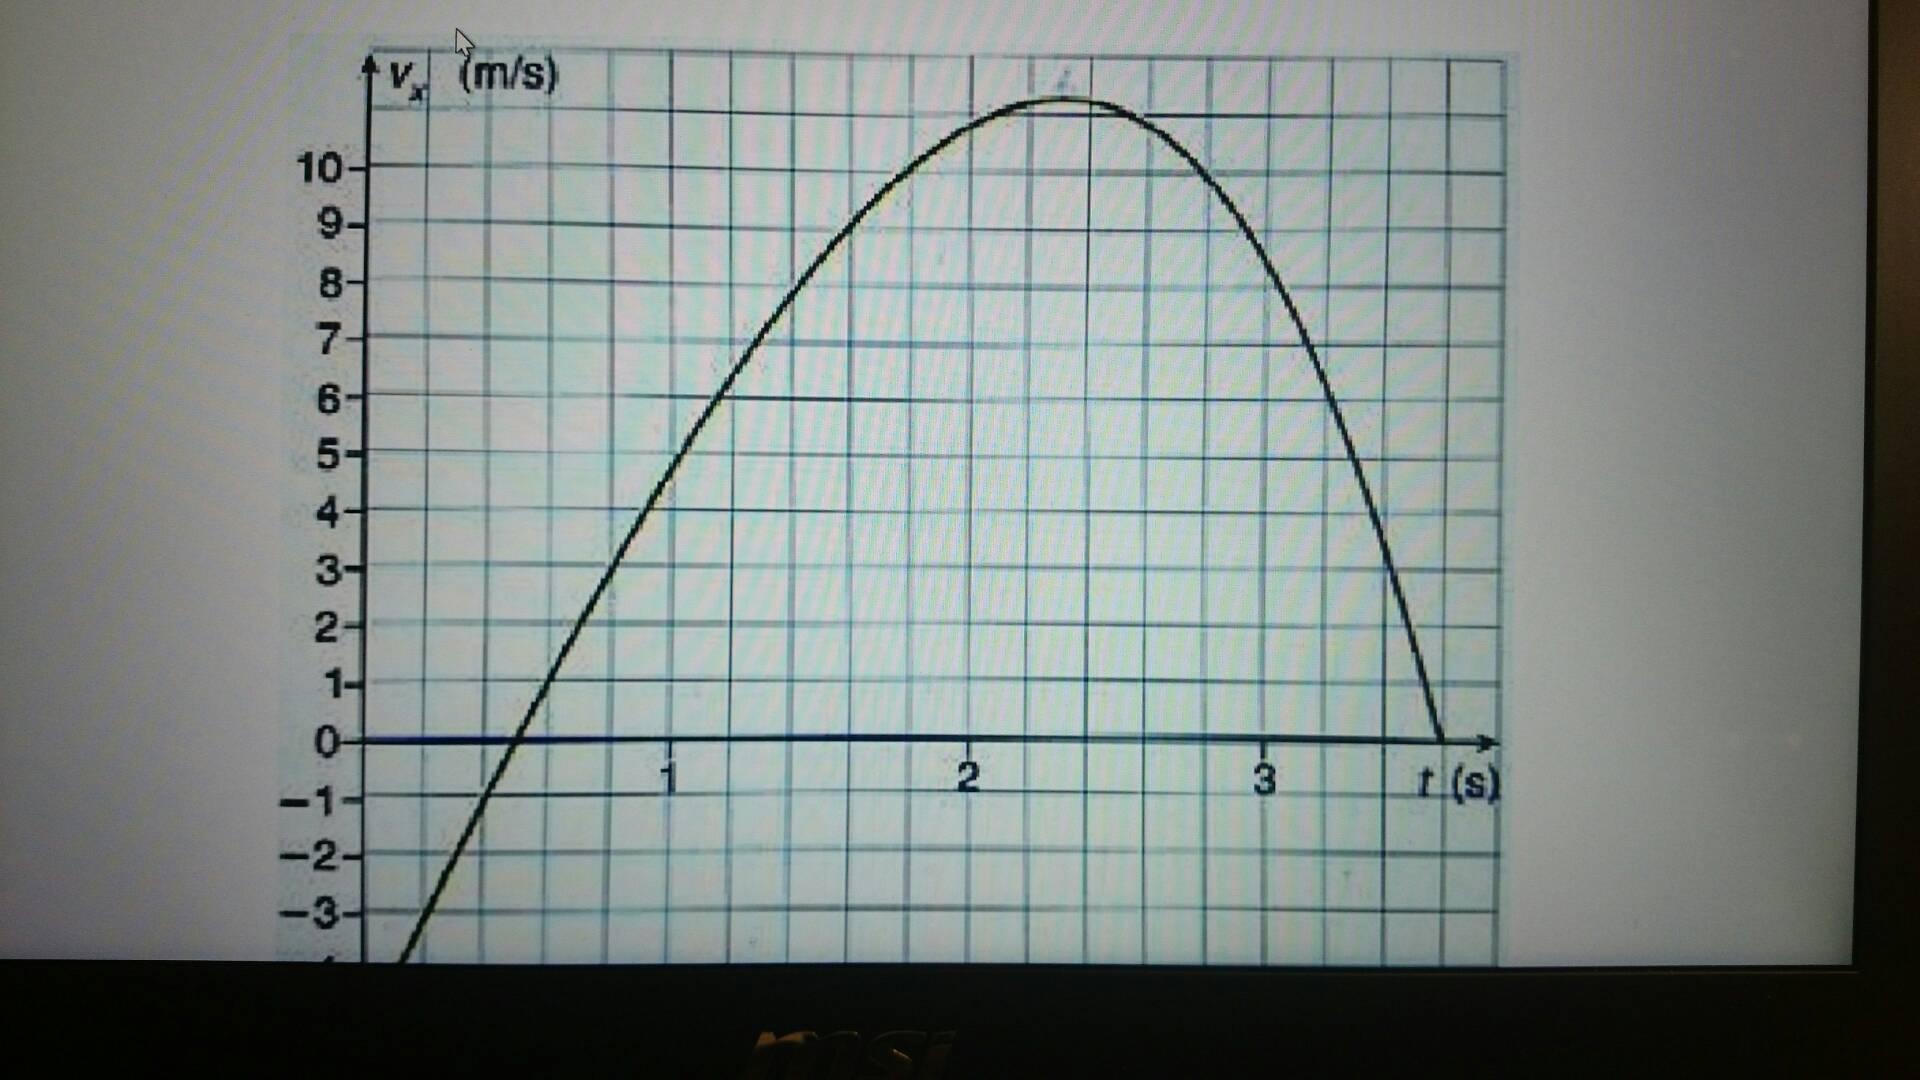 百度知道怎么得积分_v-t图中为什么用图像与x轴围成的面积表示位移?怎么解释?_百度 ...